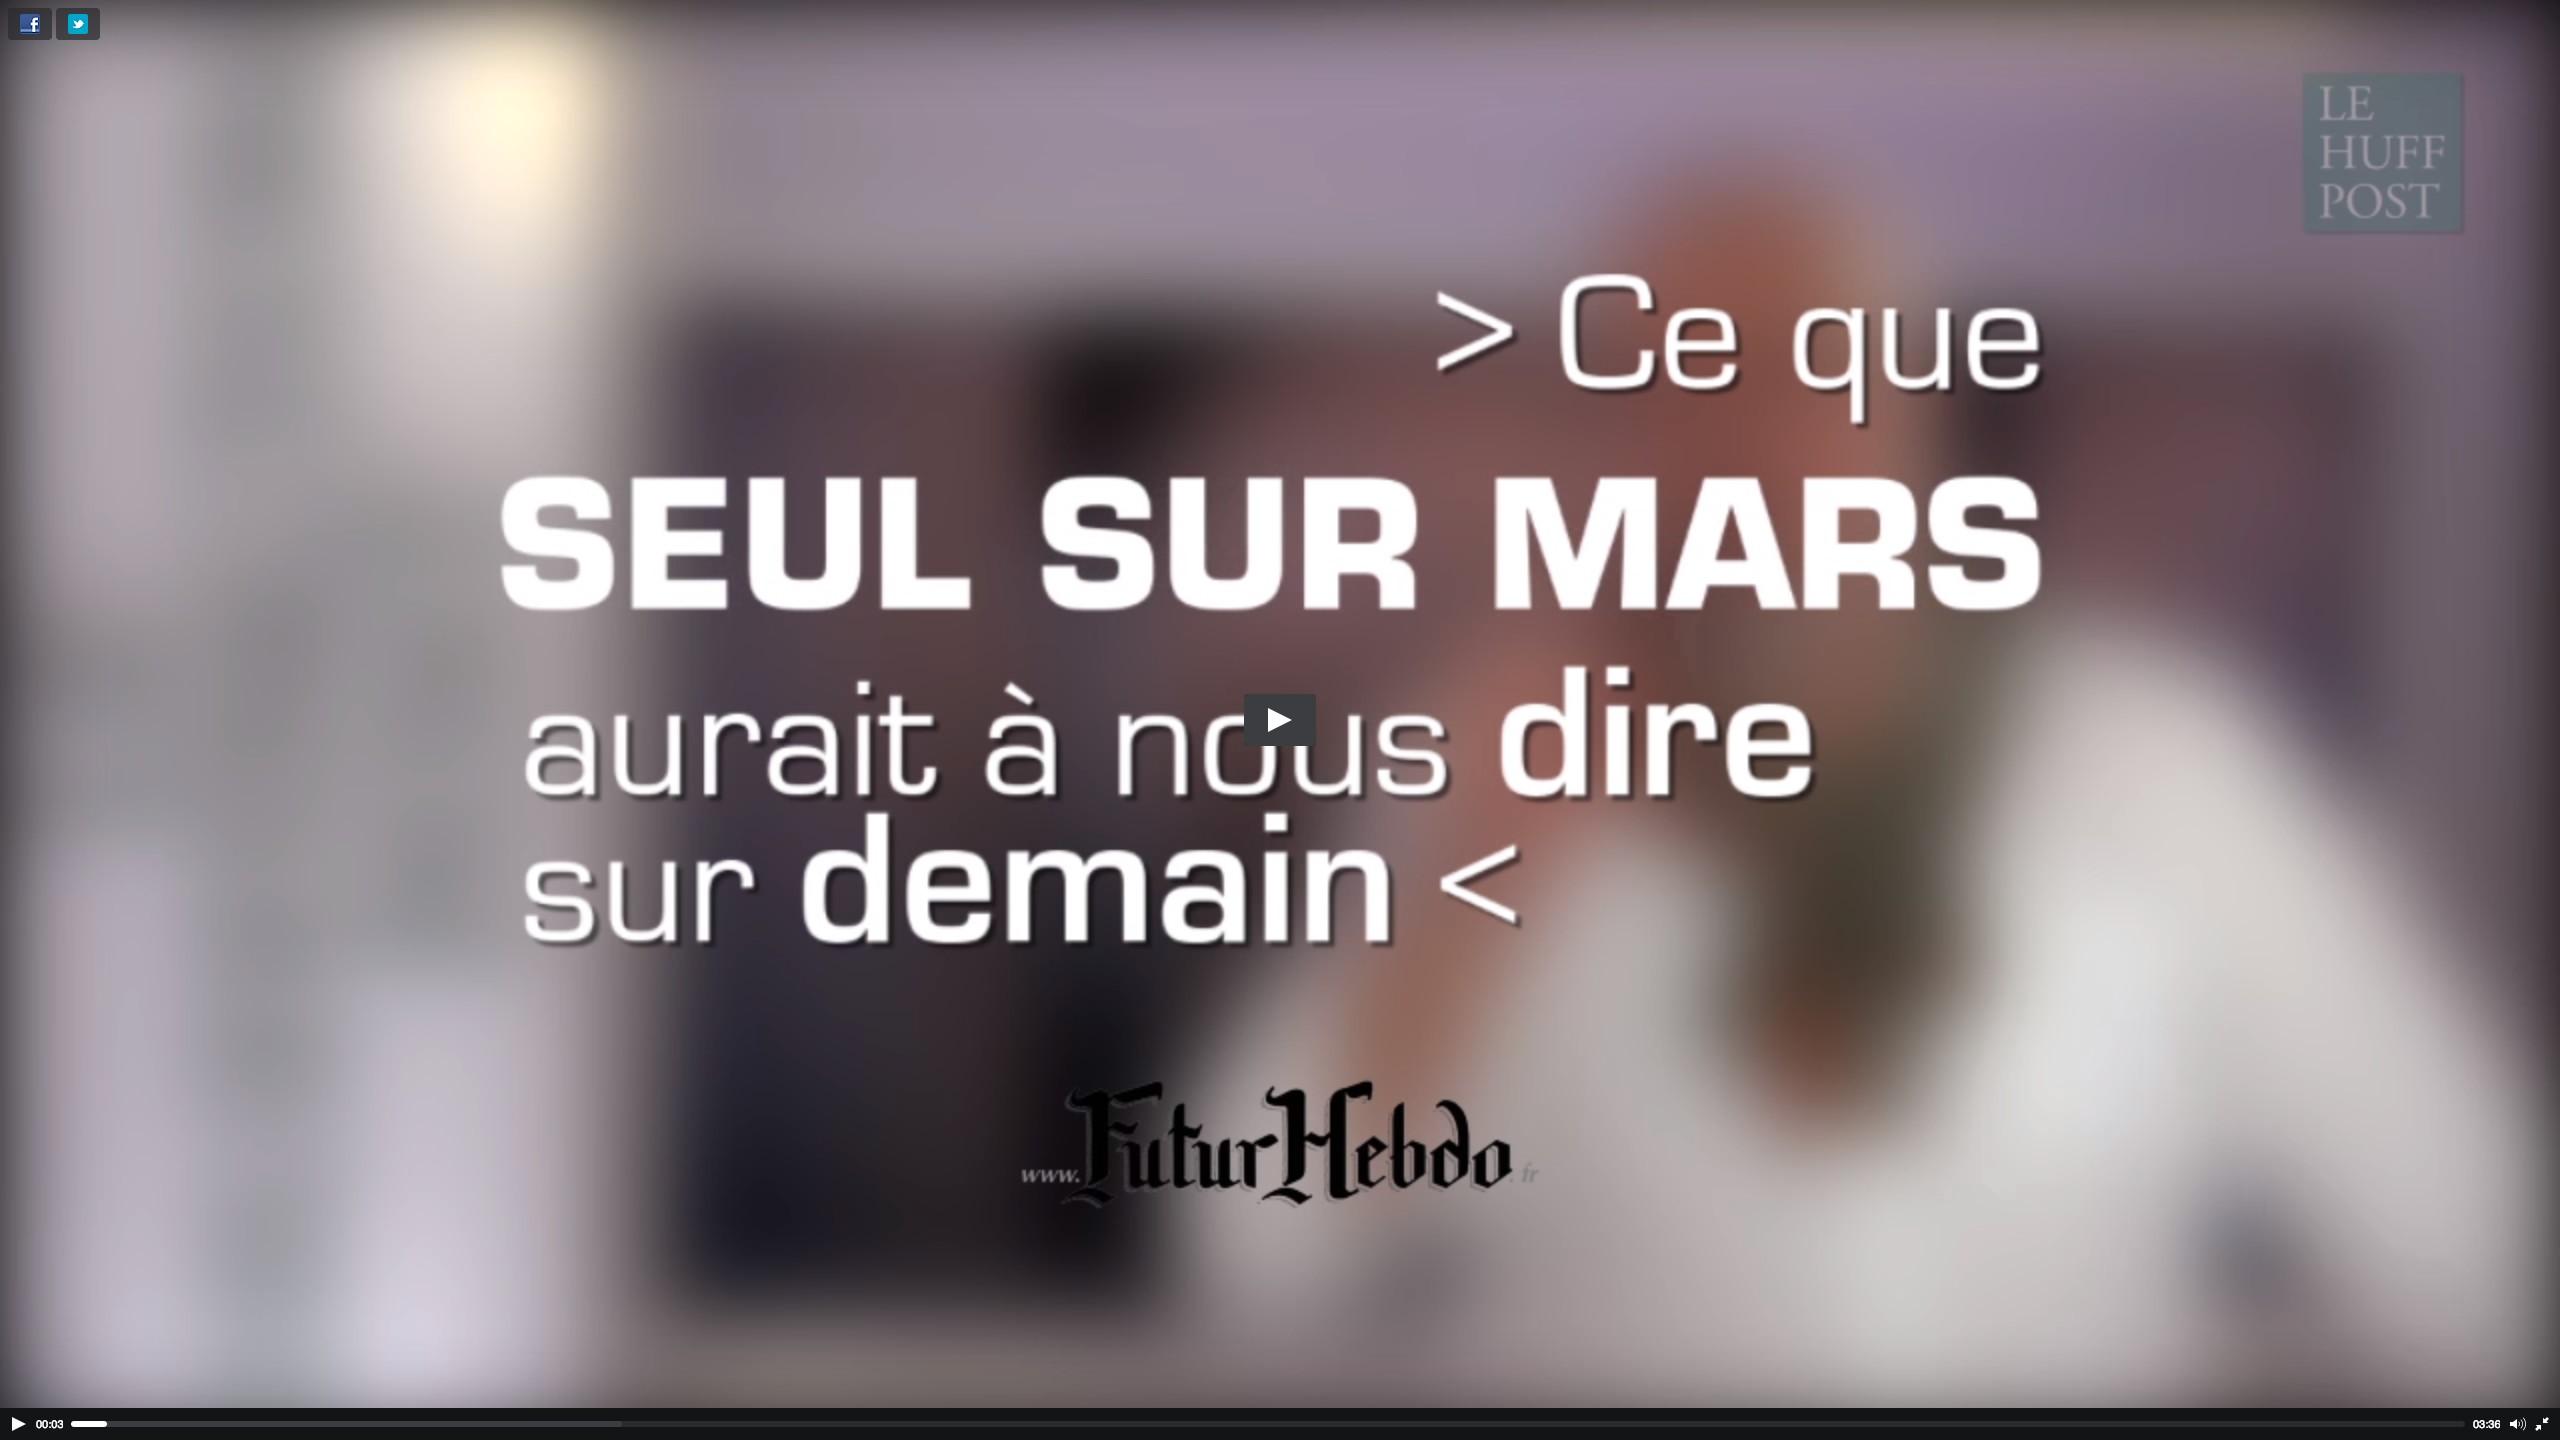 La chronique Cinéma & Prospective de FuturHebdo en vidéo avec le Huffington Post France #1